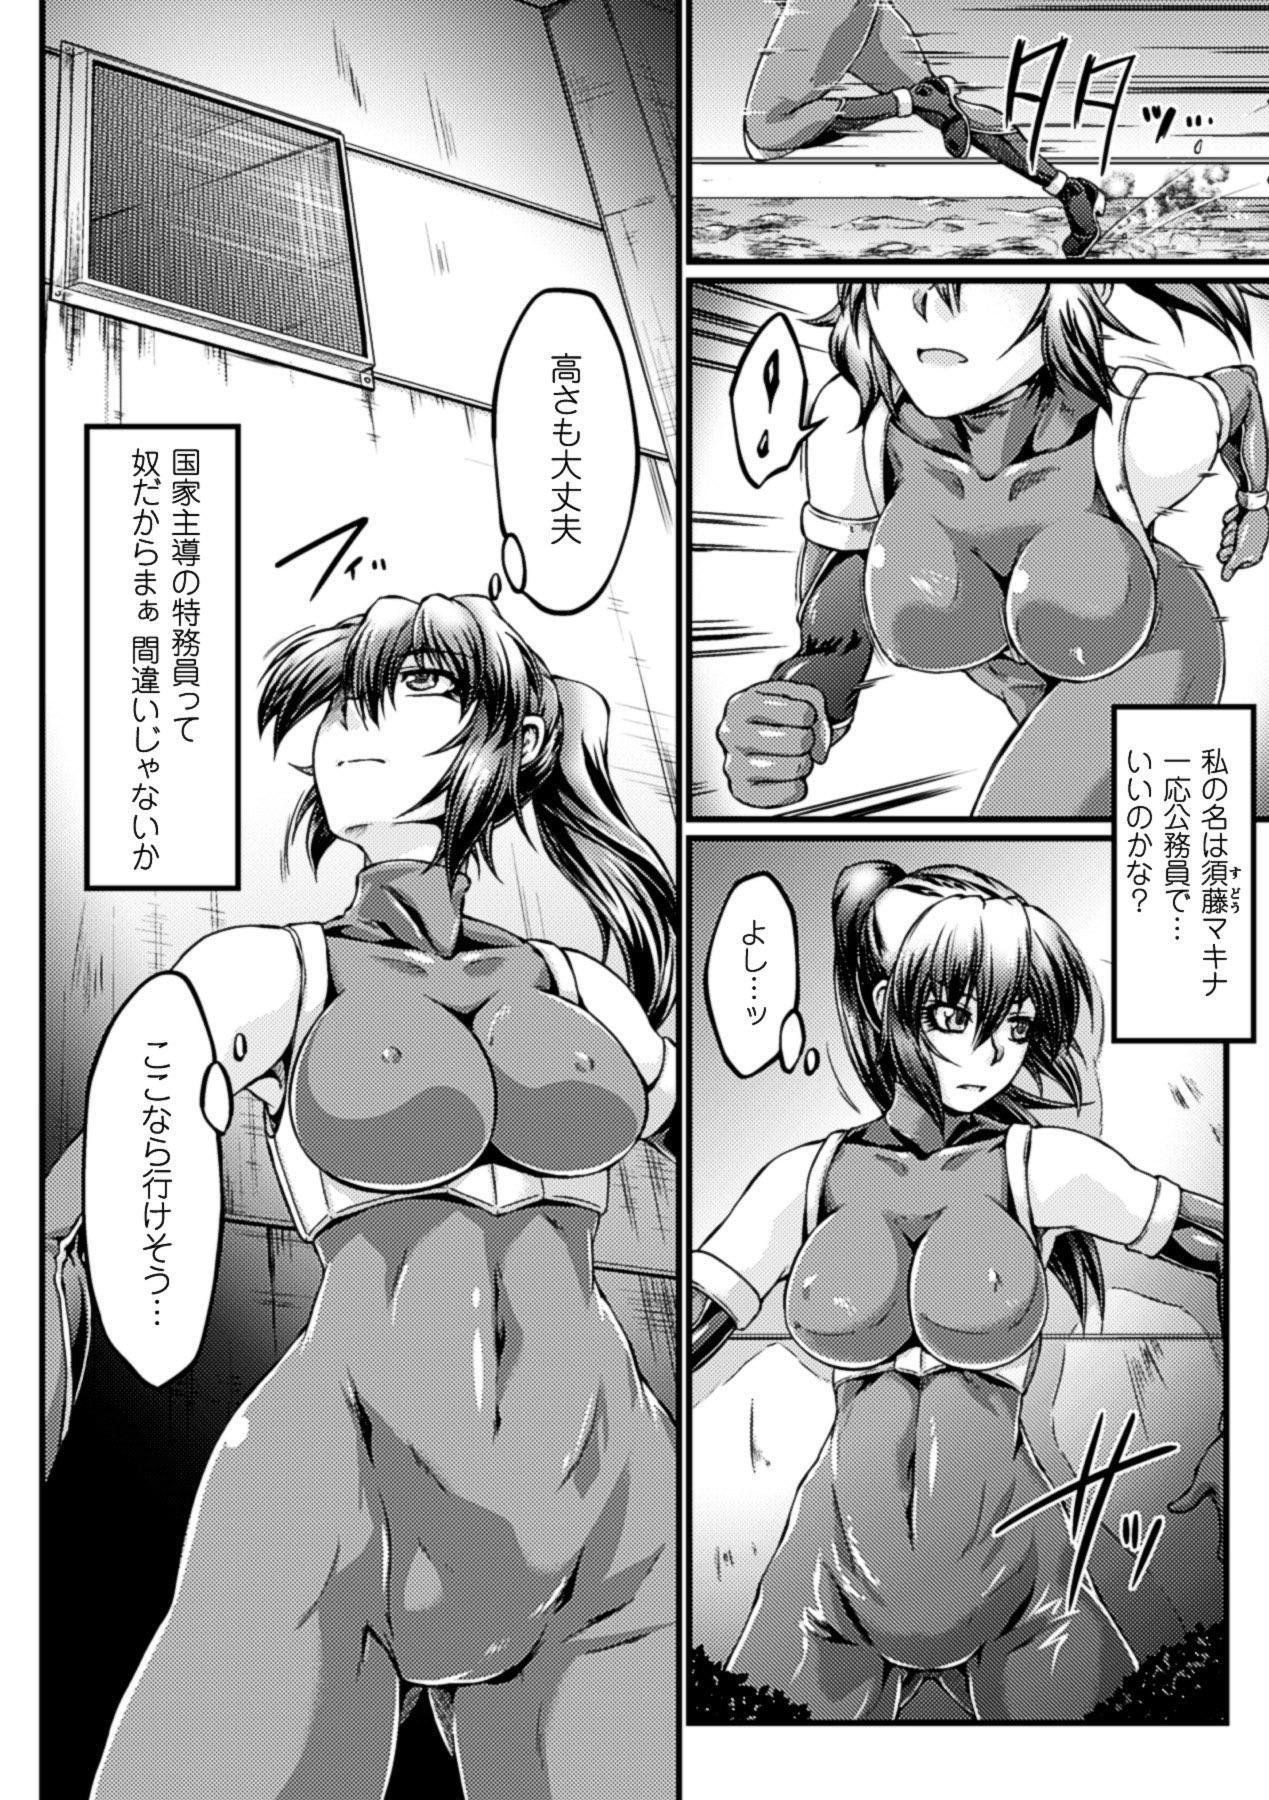 Slime ni Matowari Tsukarete Zecchou Suru Bishoujo-tachi Vol.2 25